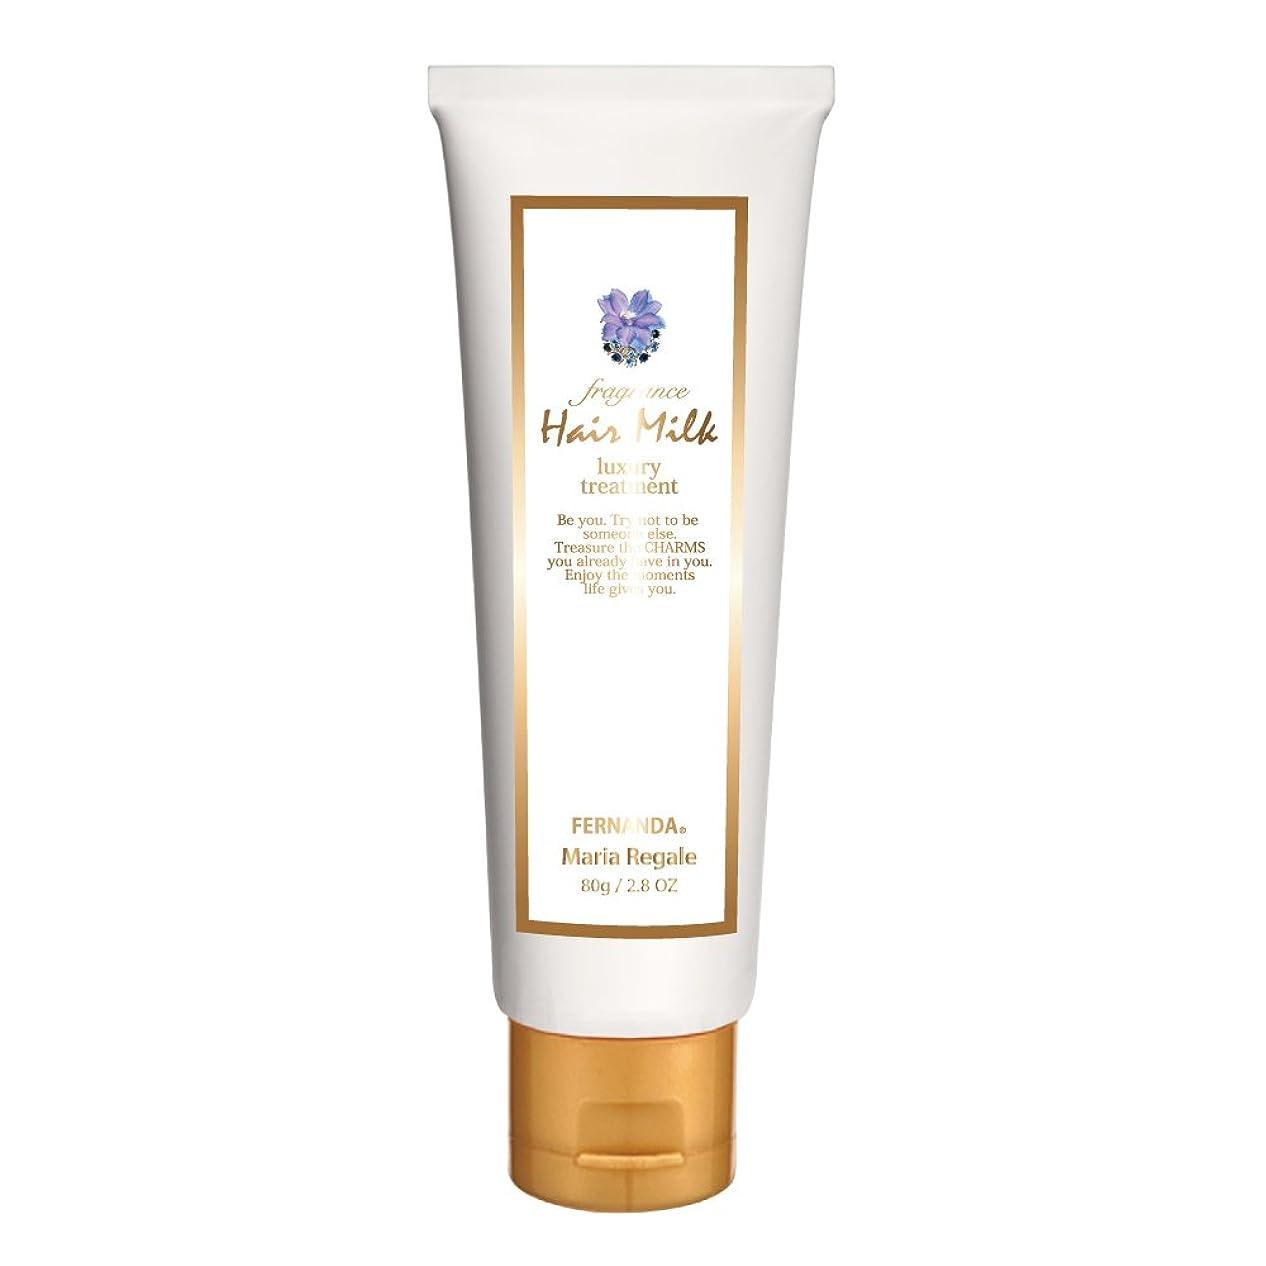 霊作動する効率的にFERNANDA(フェルナンダ) Hair Milk Maria Regale (ヘアーミルク マリアリゲル)